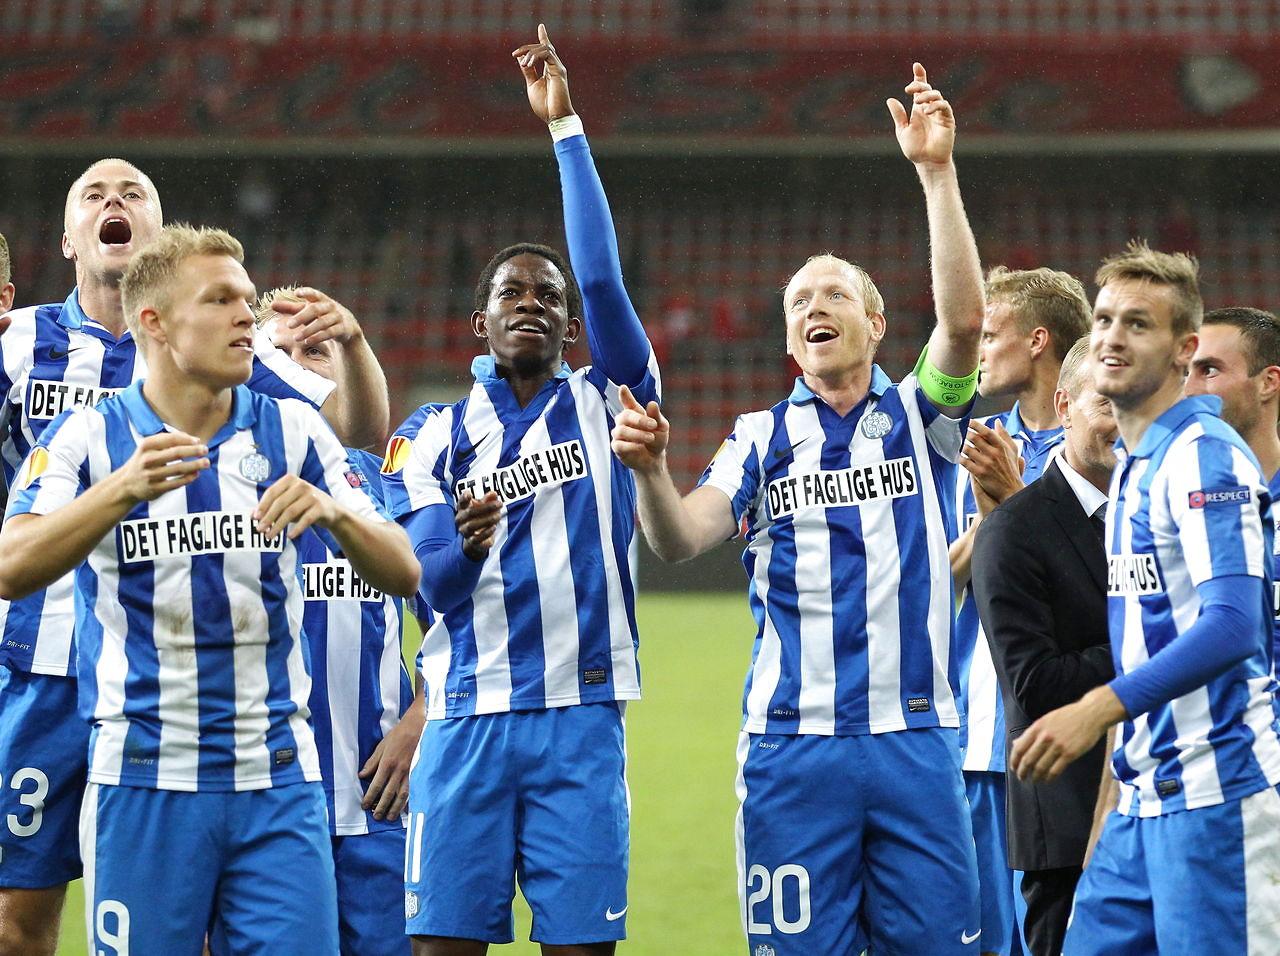 Esbjerg-Hobro 19 ottobre: si gioca per la 13 esima giornata della Serie A danese. I padroni di casa partono favoriti per i 3 punti.